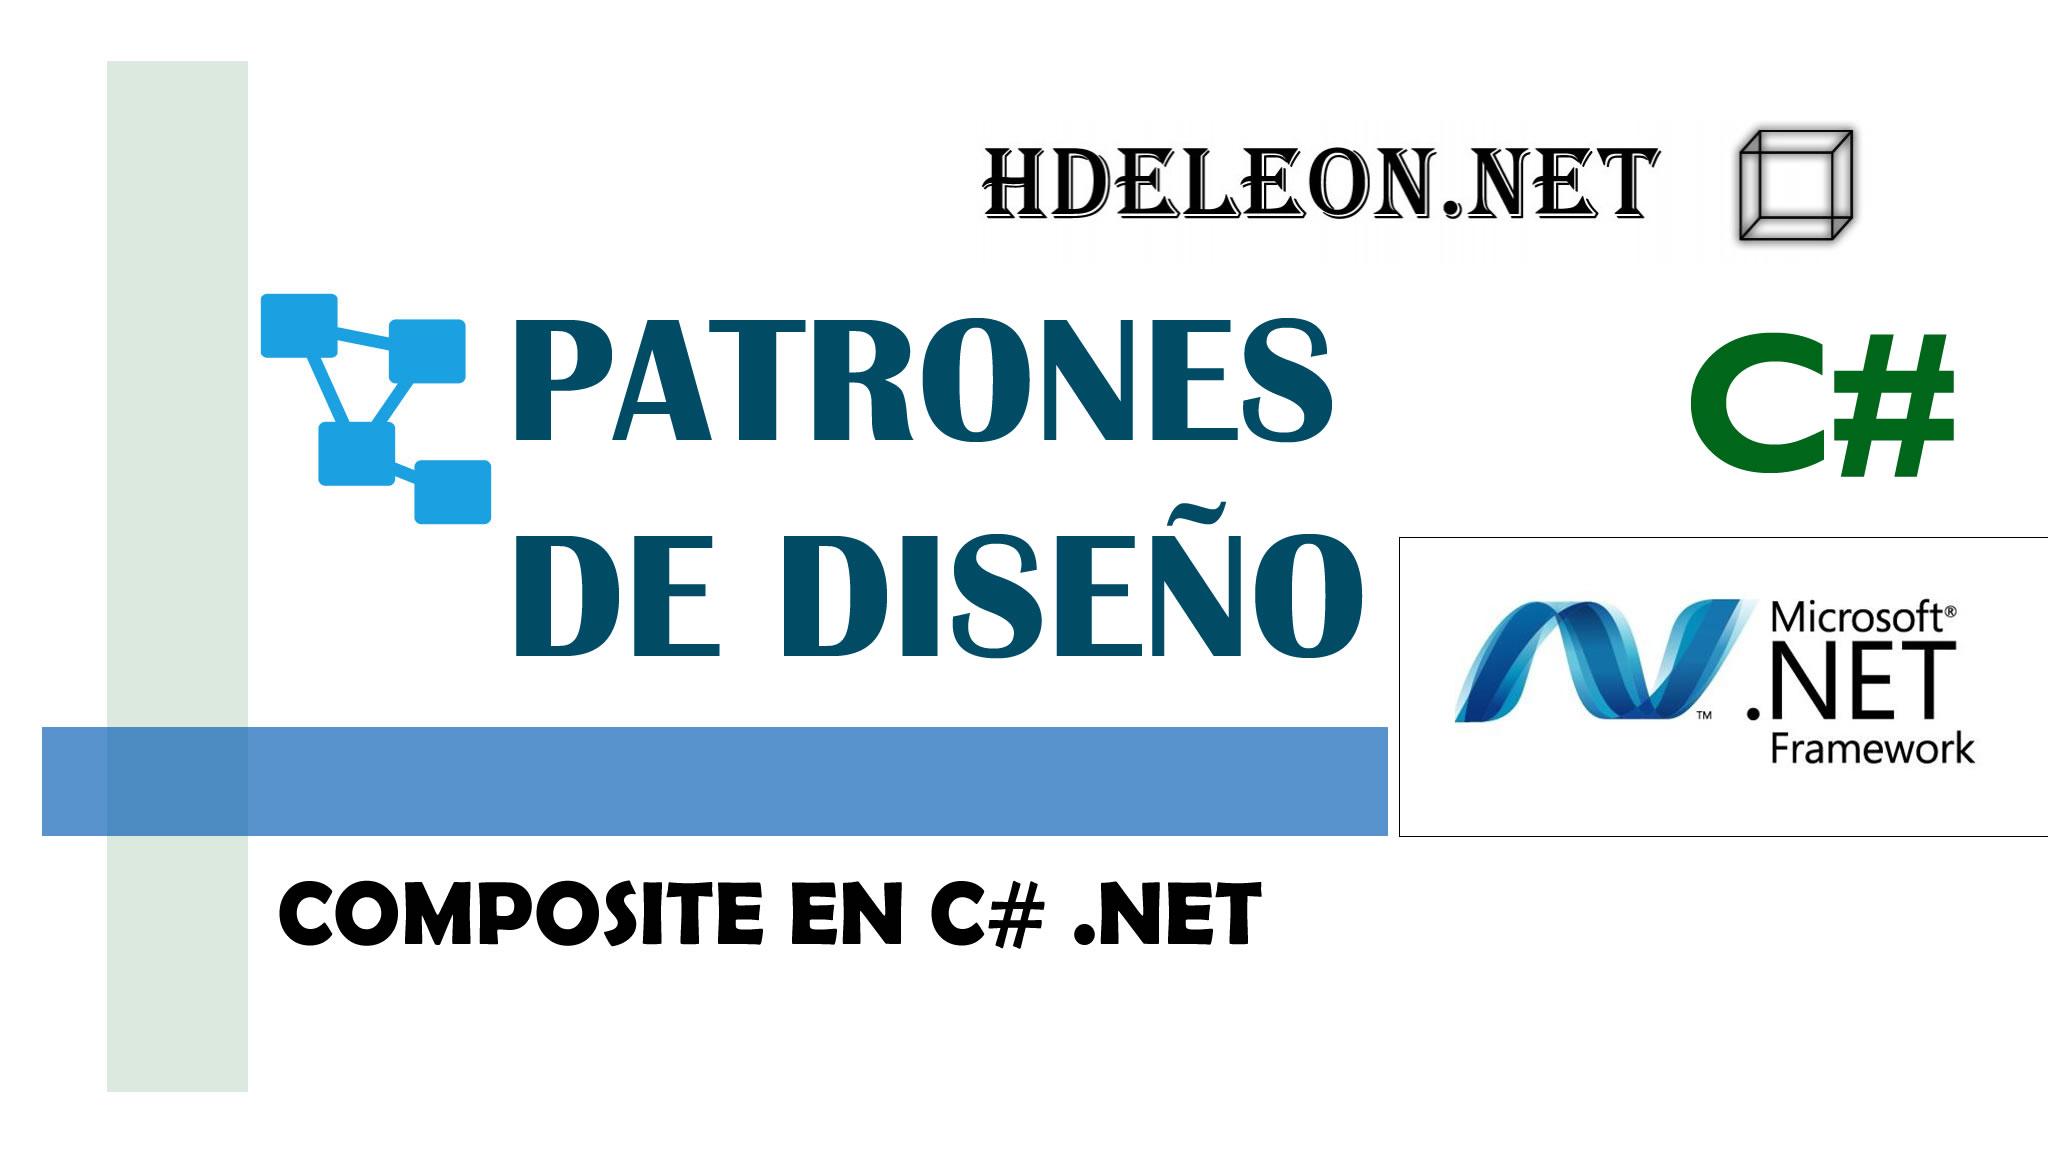 Composite en C# .Net, Patrones de diseño, design patterns, #8